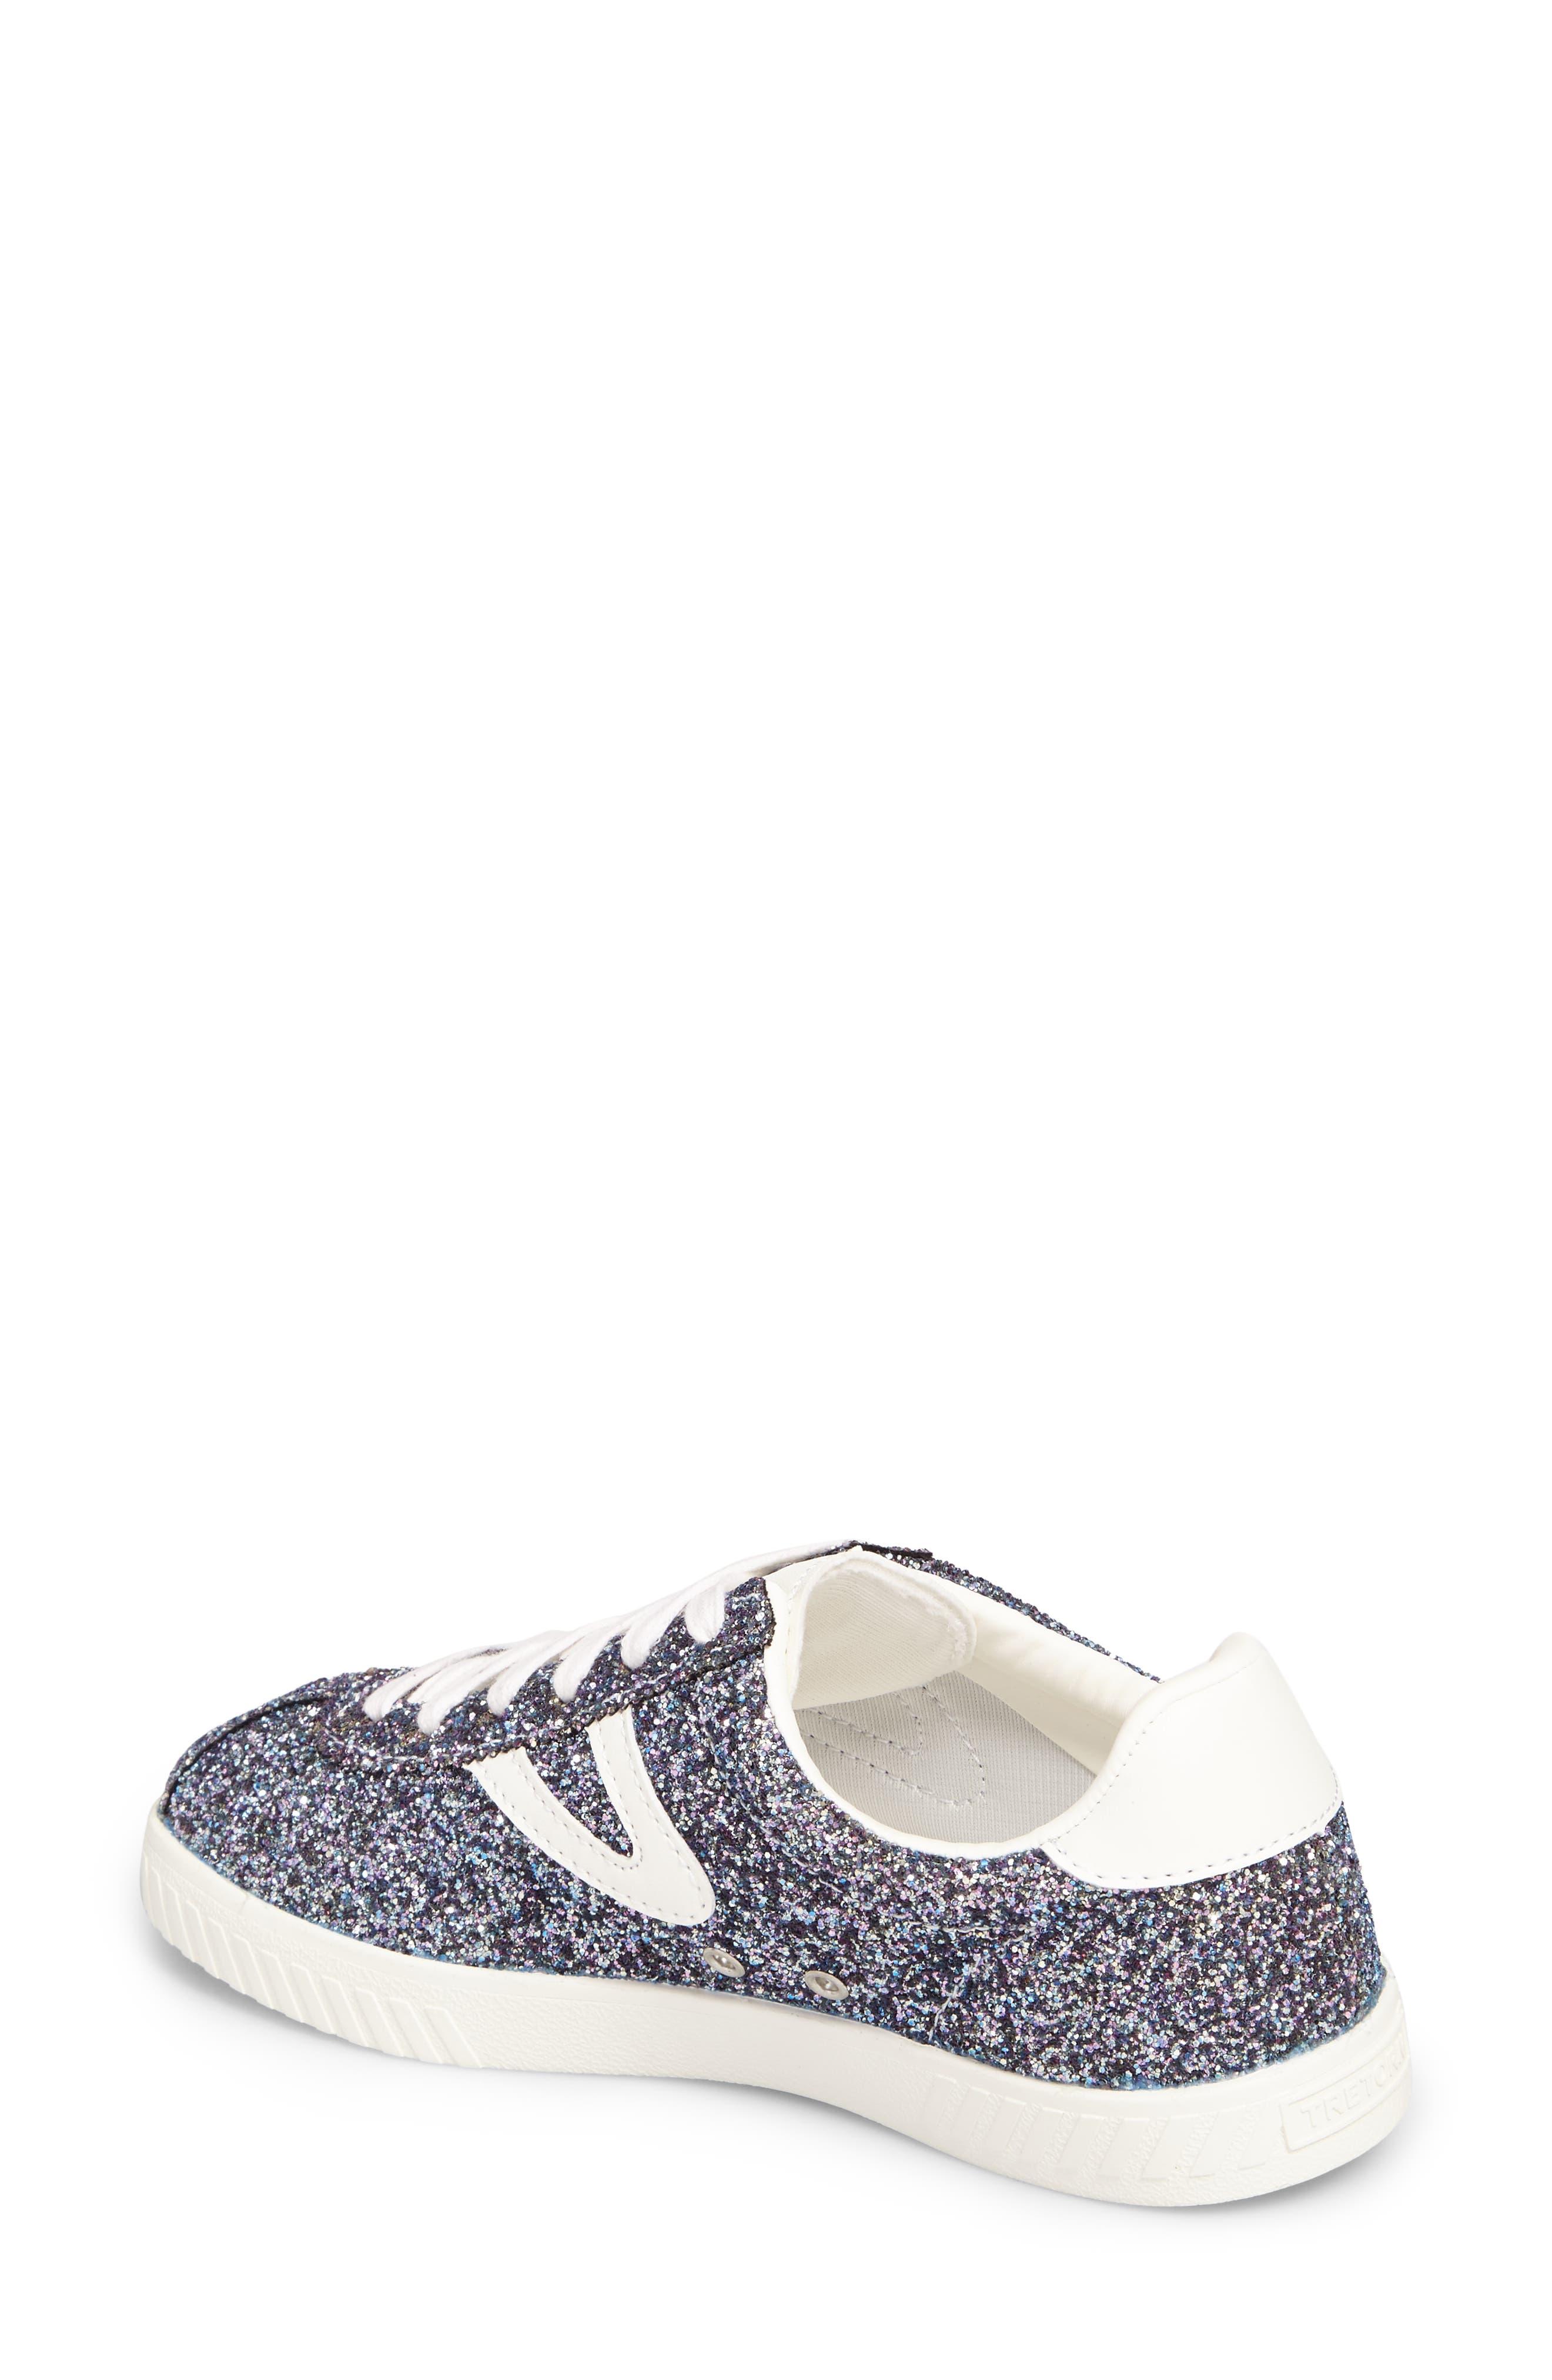 Camden 5 Sneaker,                             Alternate thumbnail 13, color,